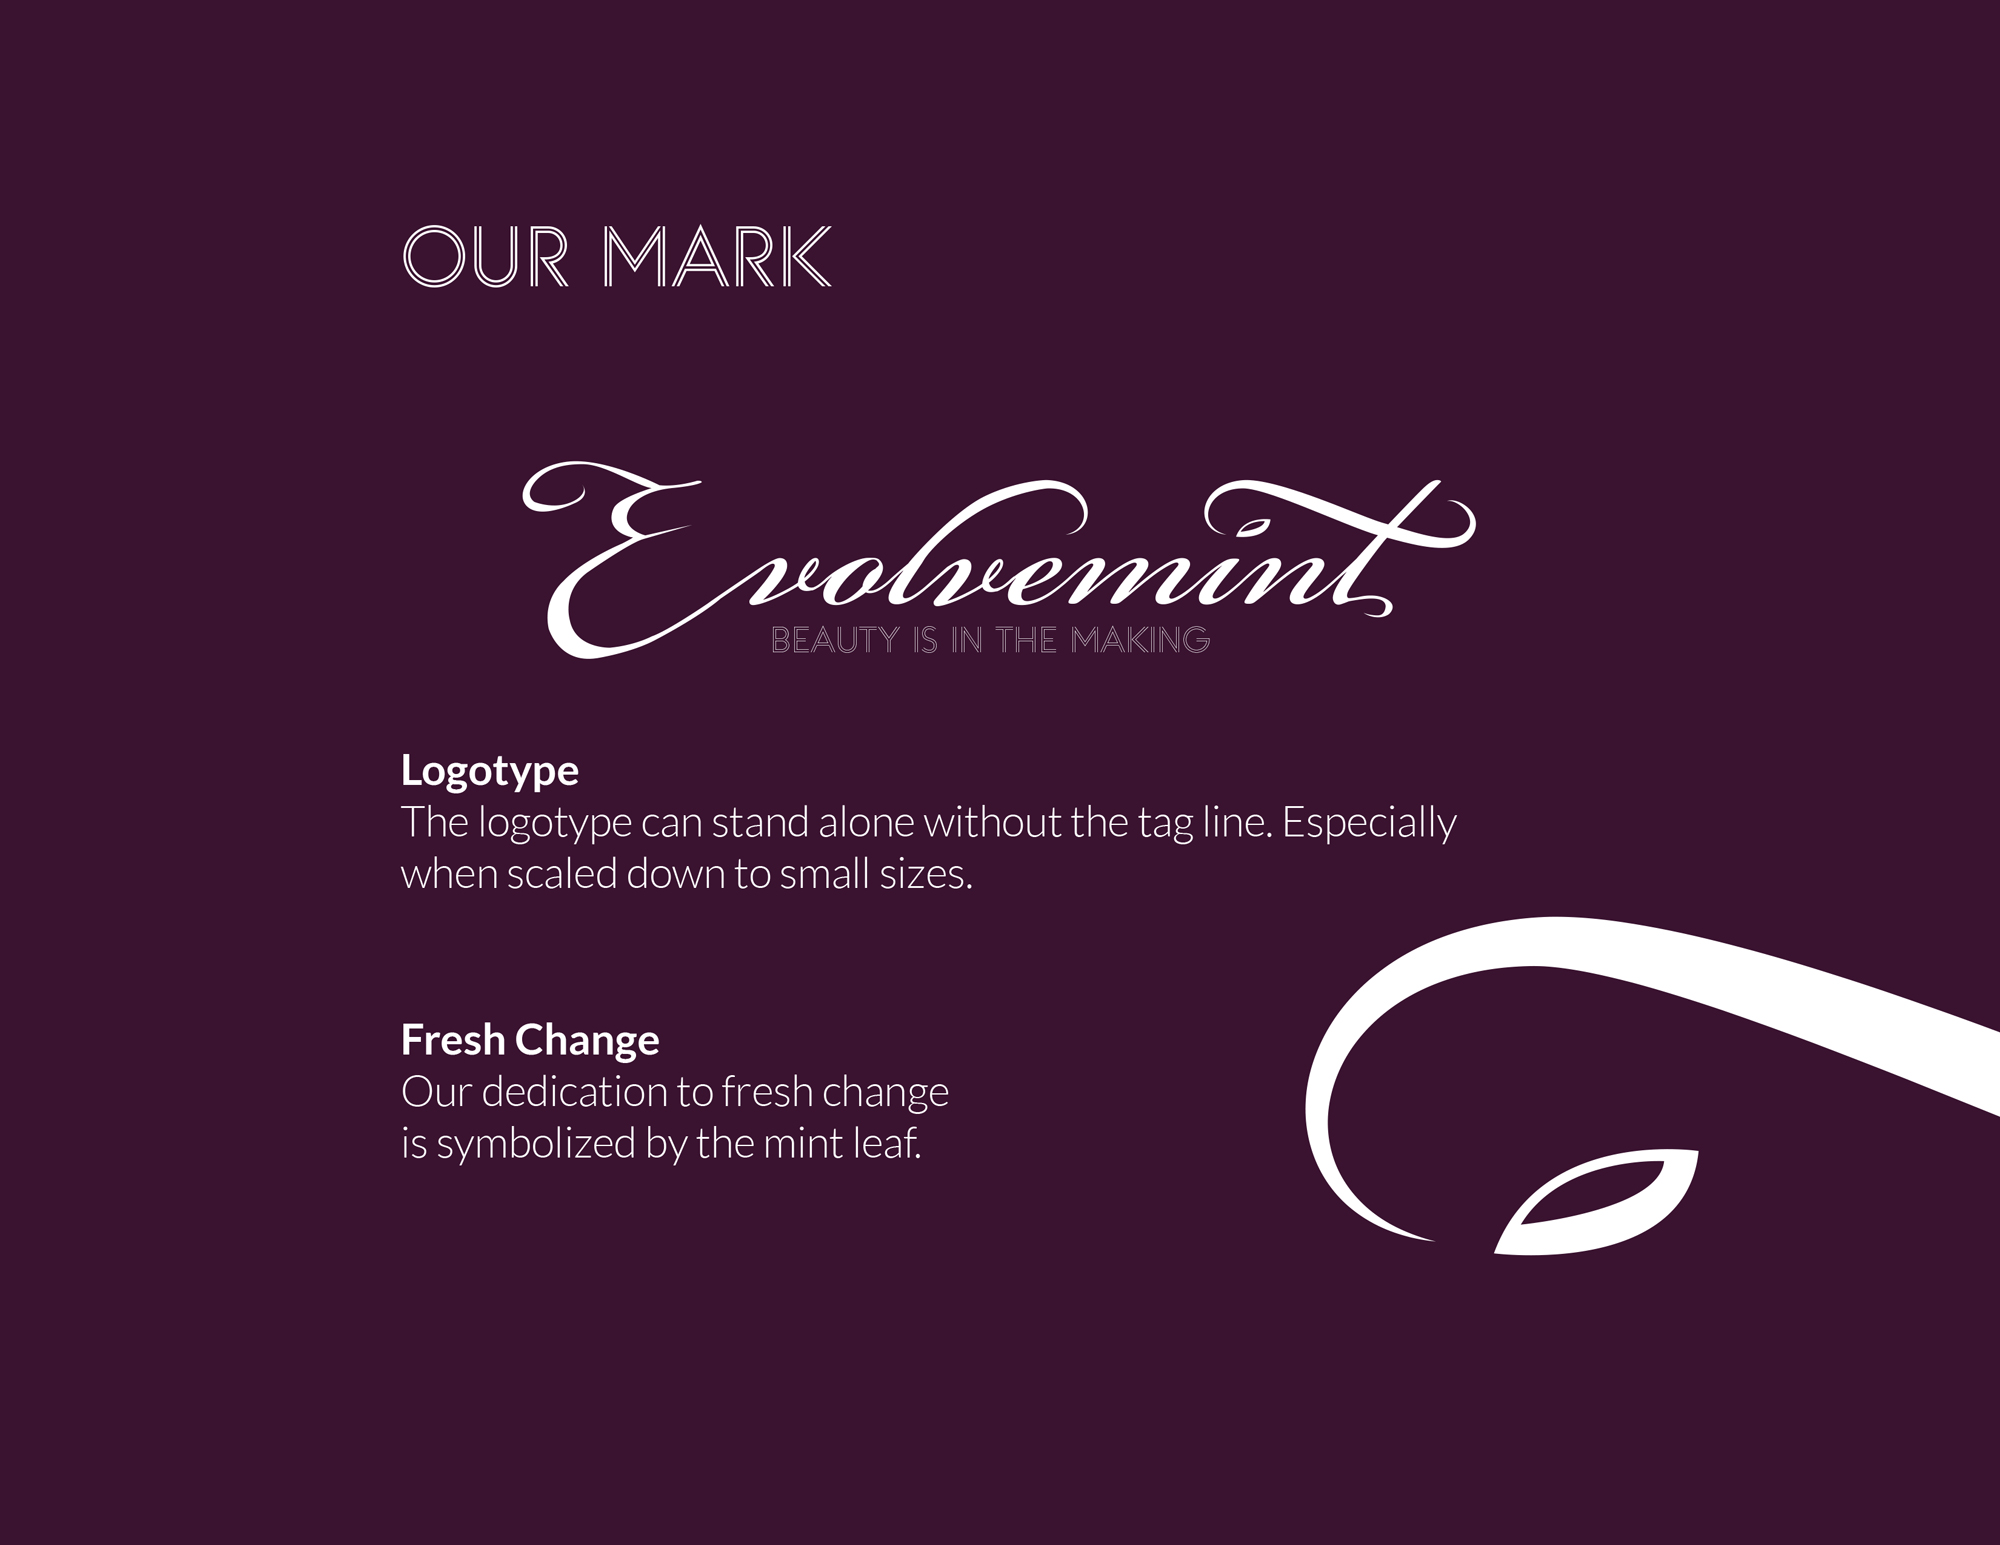 evolvemint-logo